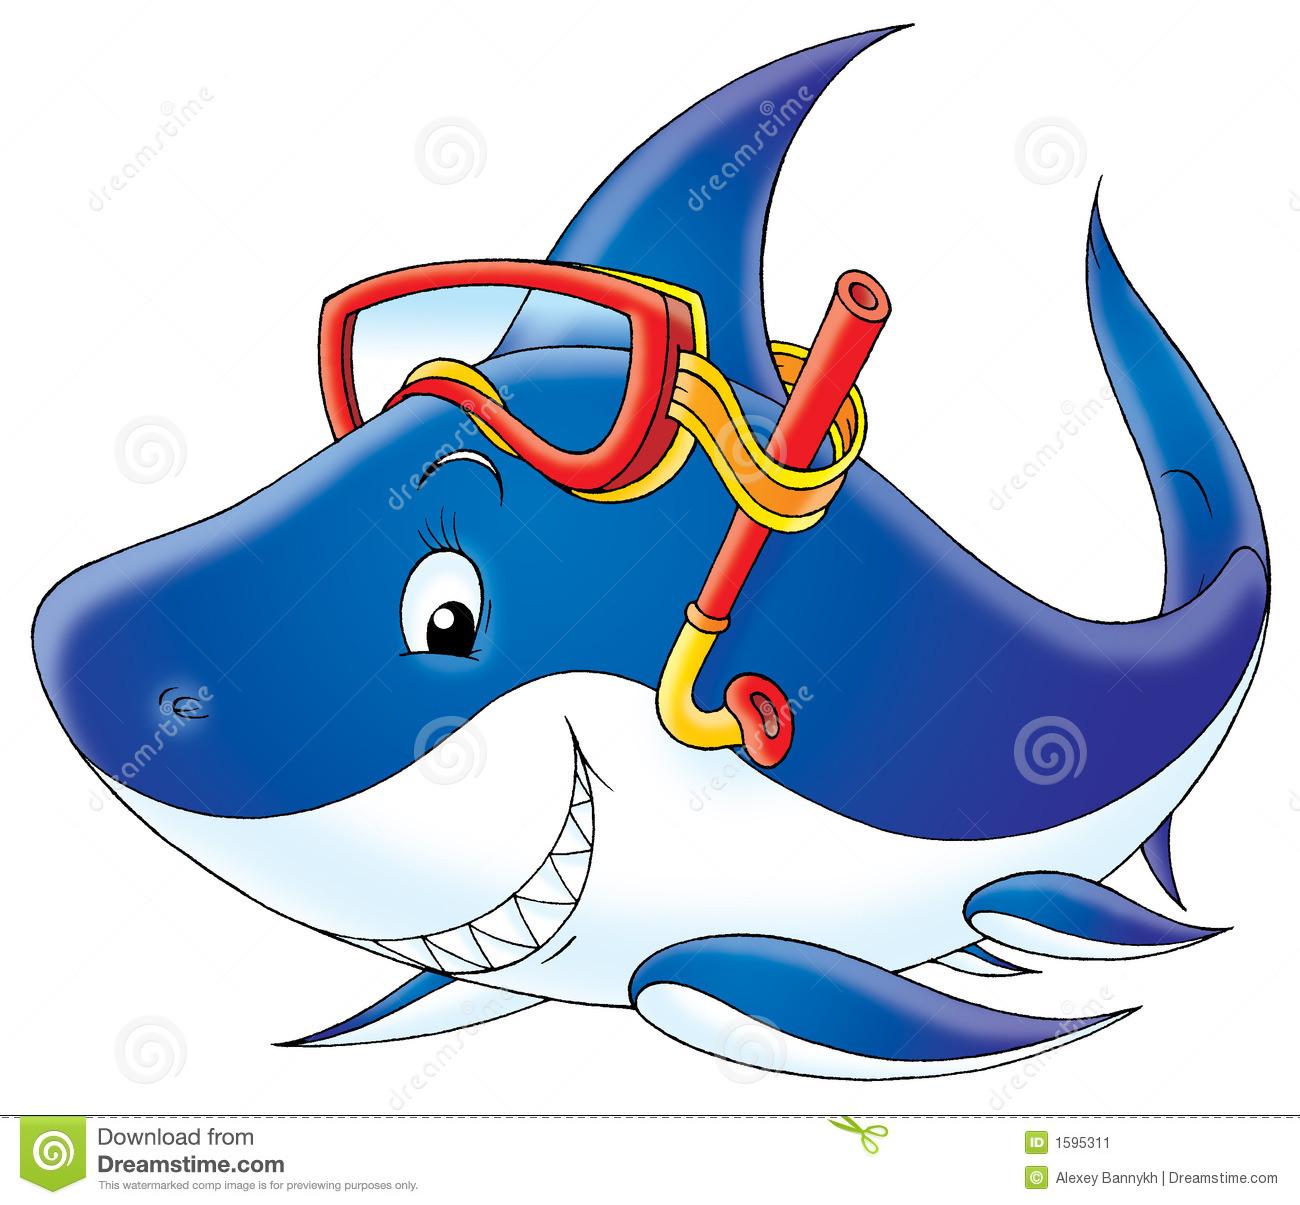 Free shark clipart cartoon royalty free download 32+ Free Shark Clipart | ClipartLook royalty free download